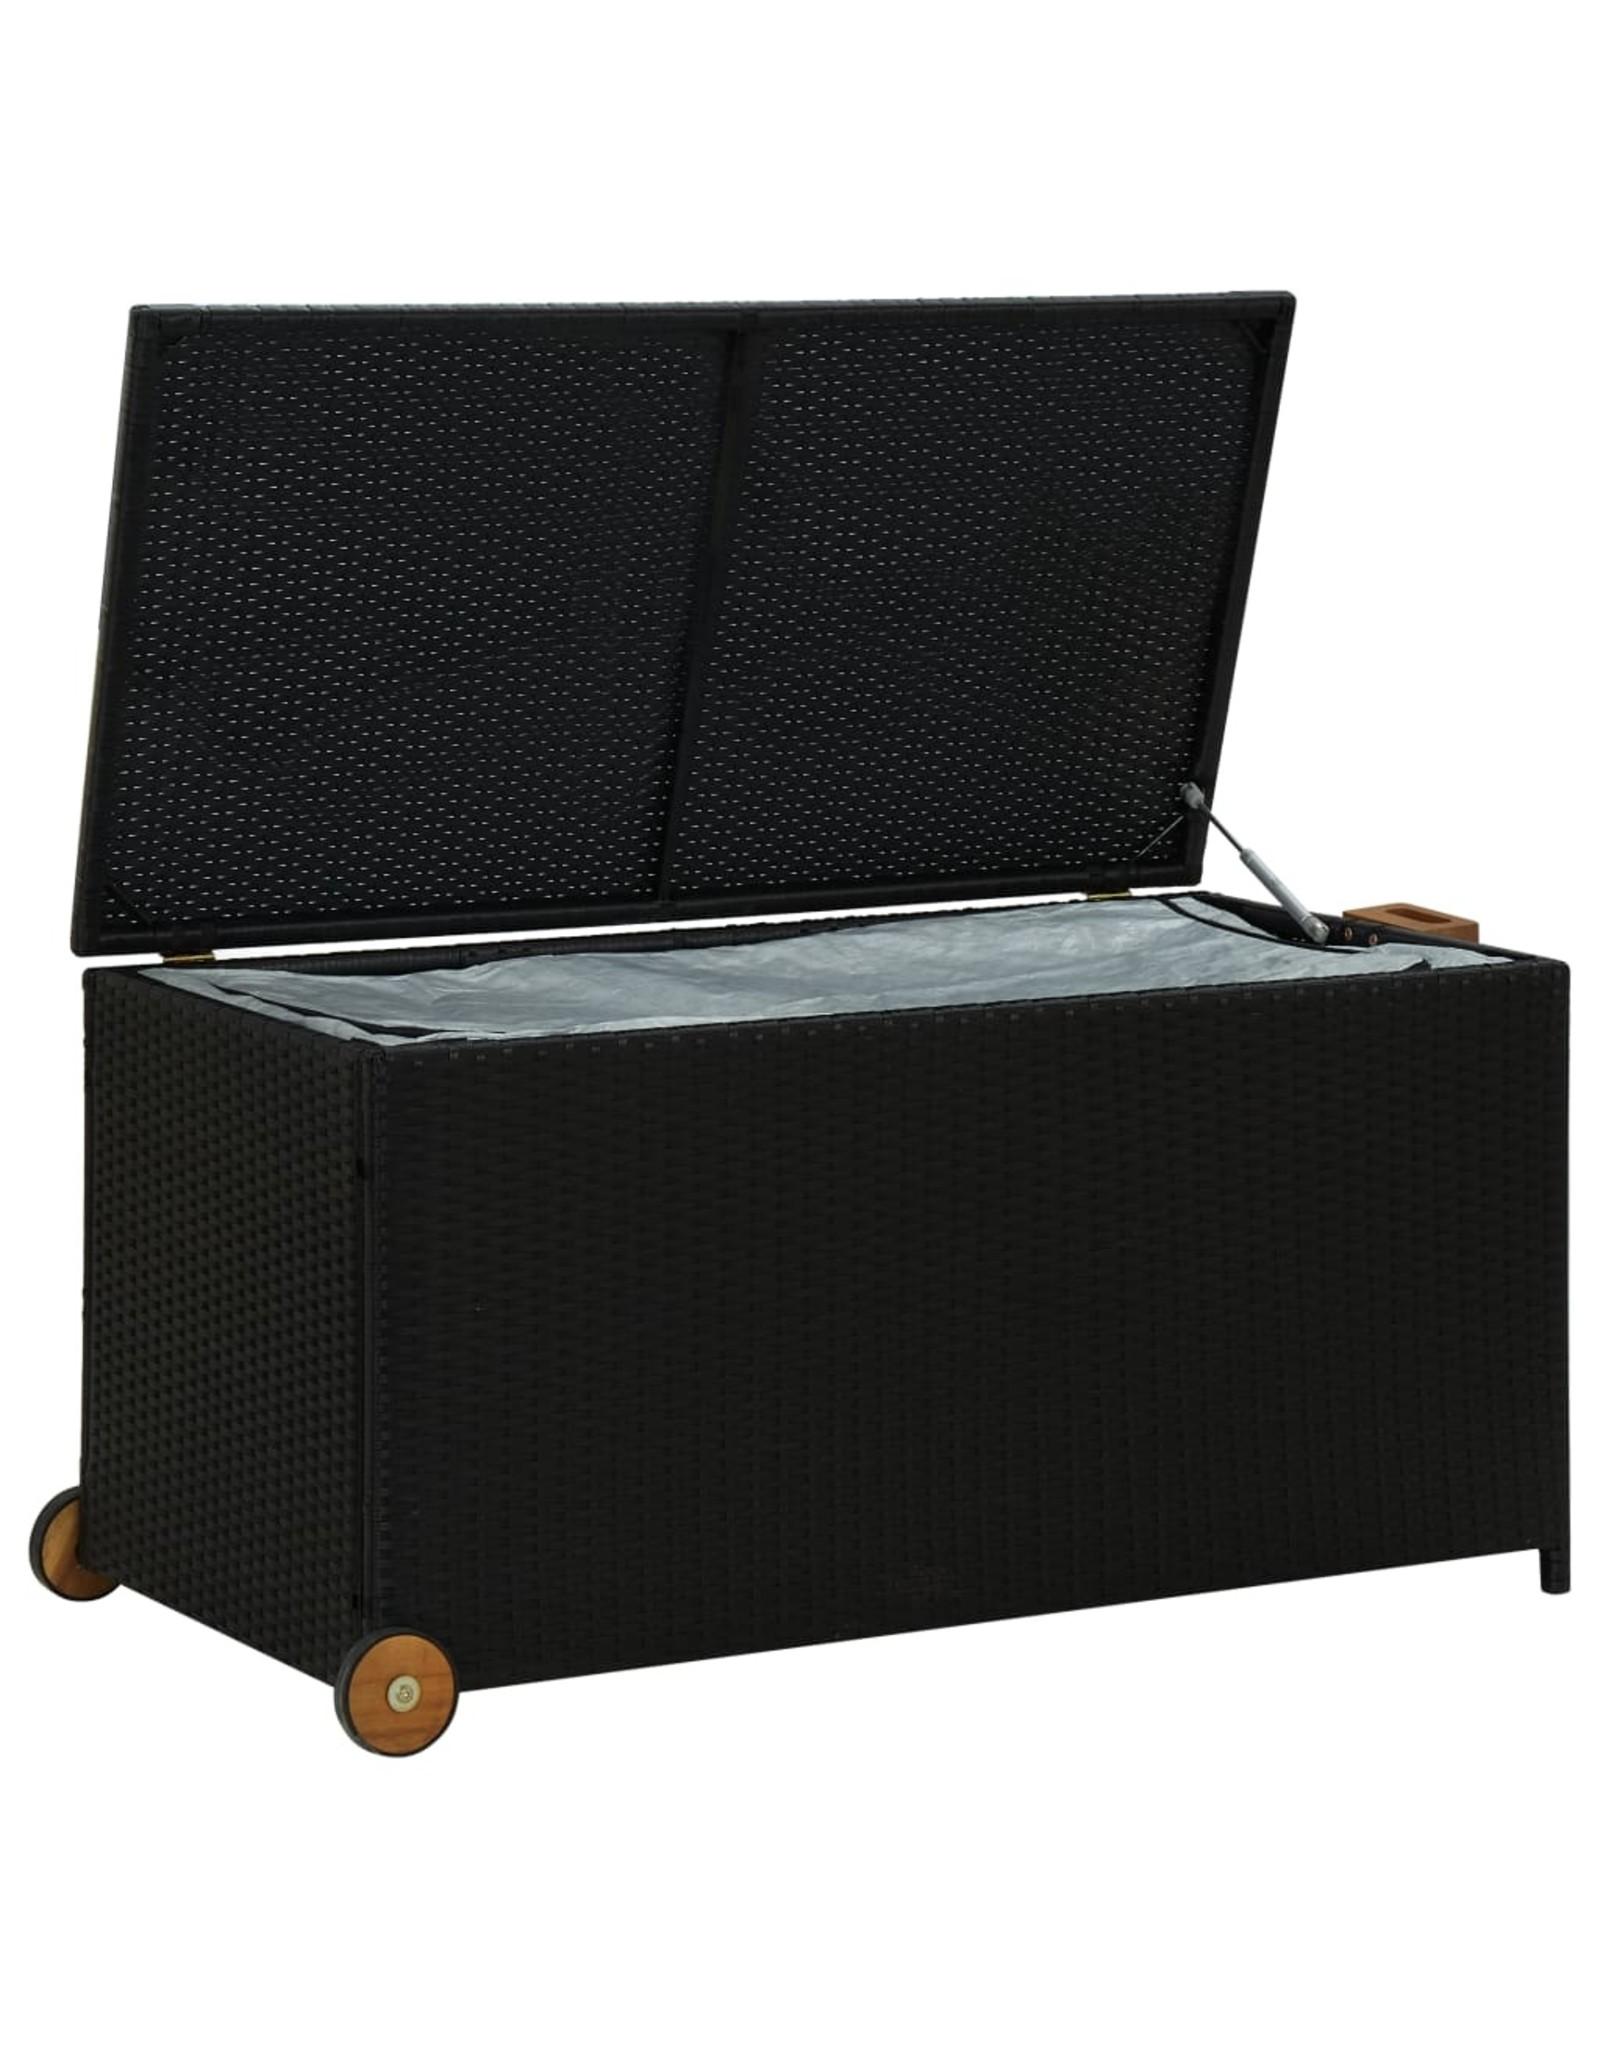 Tuinbox 130x65x115 cm poly rattan zwart